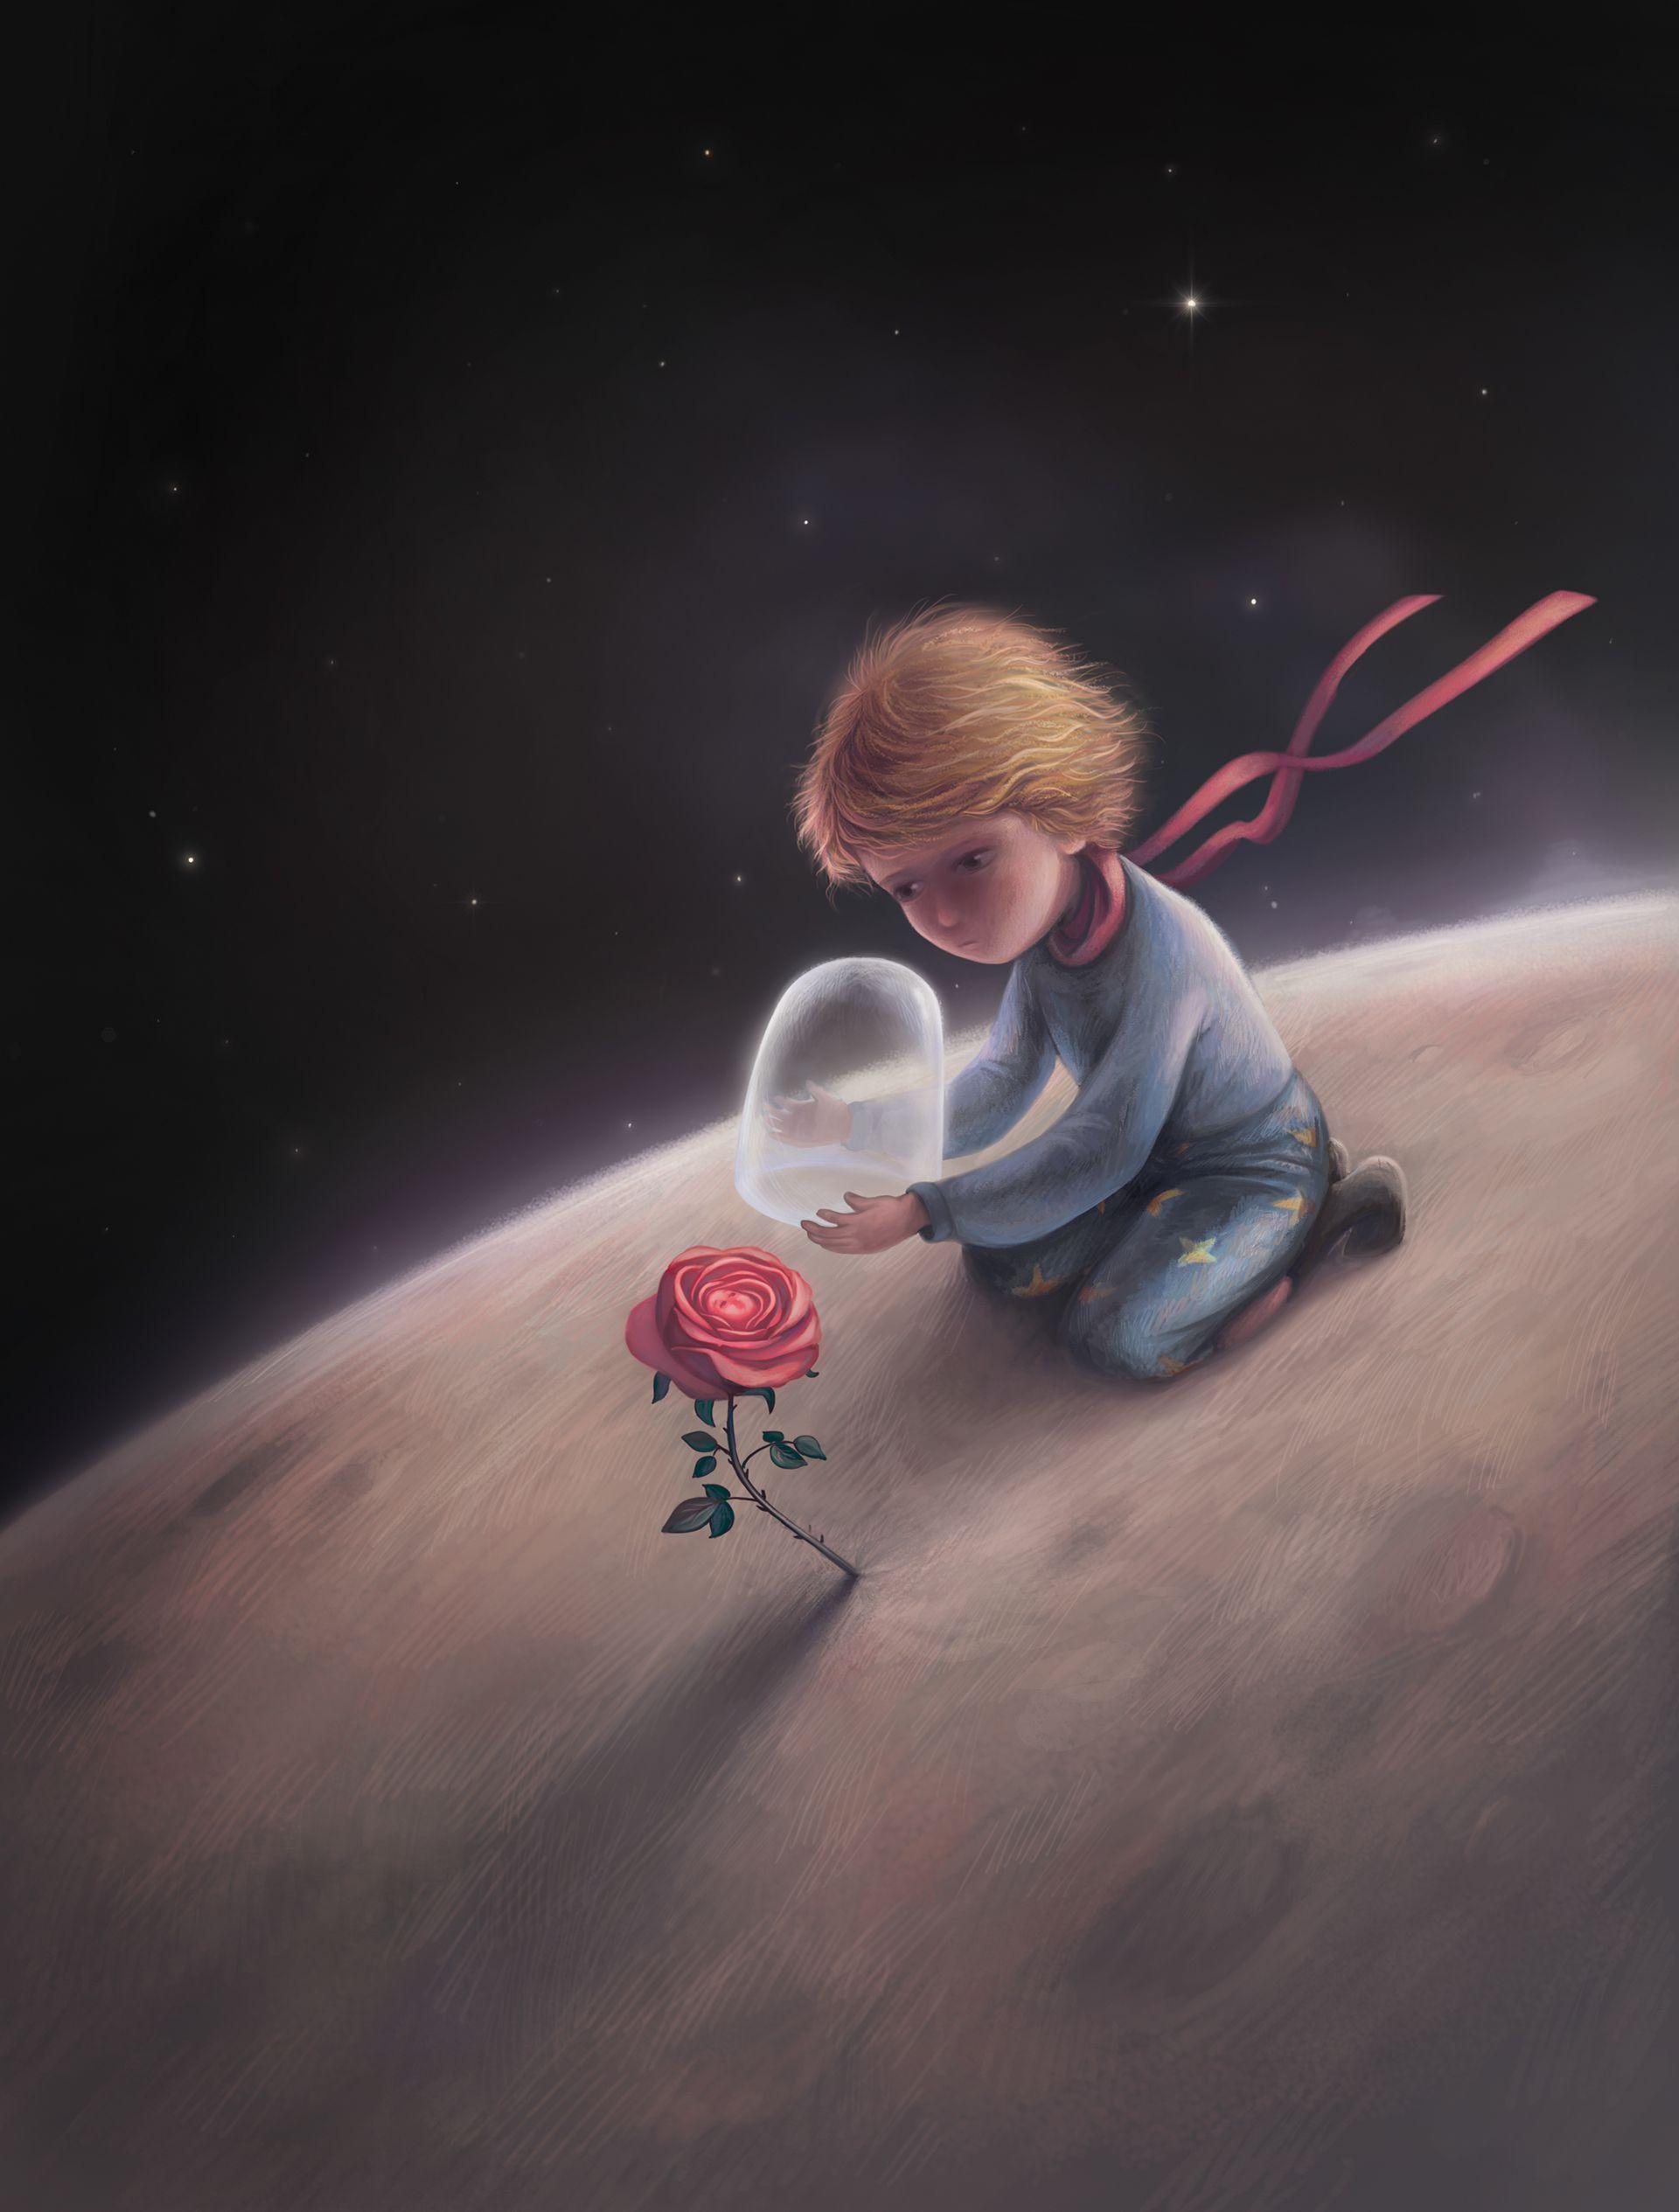 профнастила картинка звезда маленького принца понимают